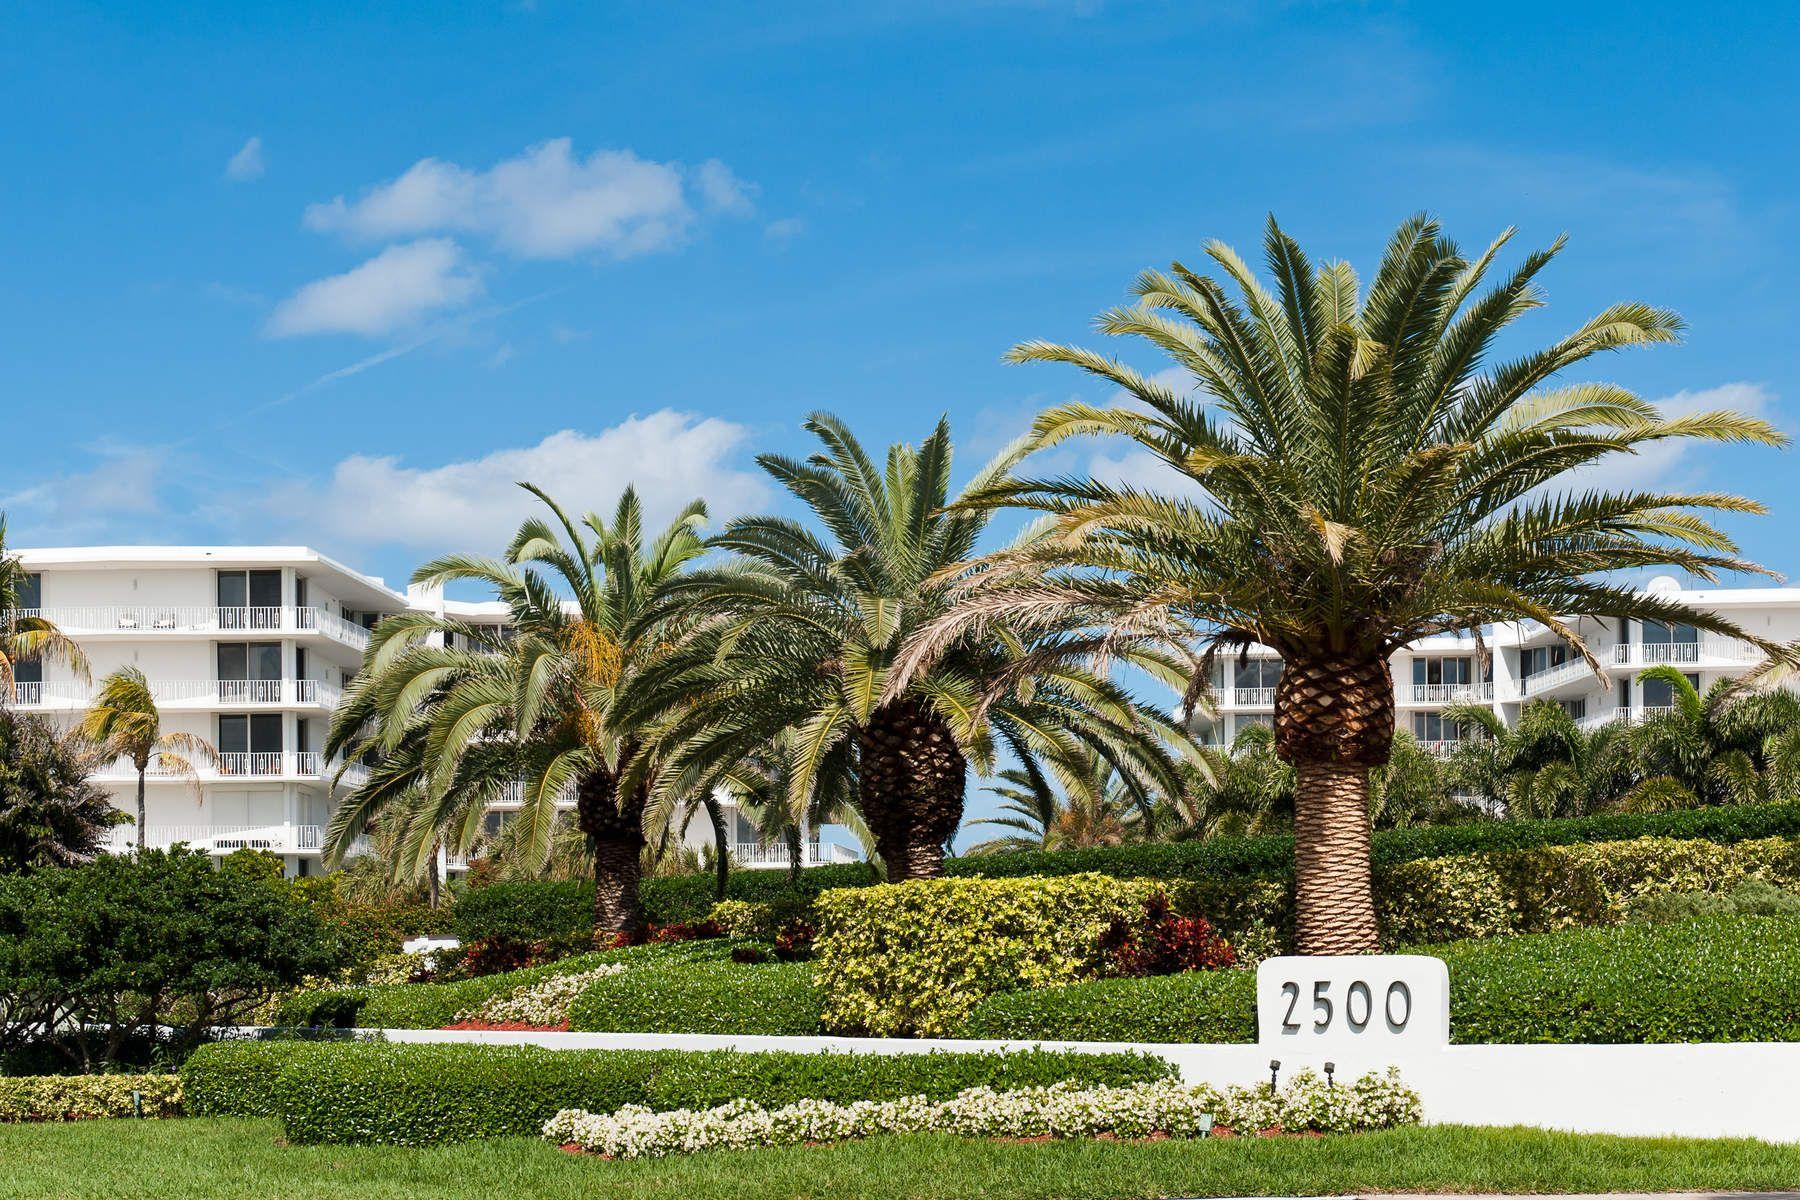 共管式独立产权公寓 为 销售 在 Ocean to Lake Tropical Paradise 2500 S Ocean Blvd 1-D-1, 棕榈滩, 佛罗里达州, 33480 美国